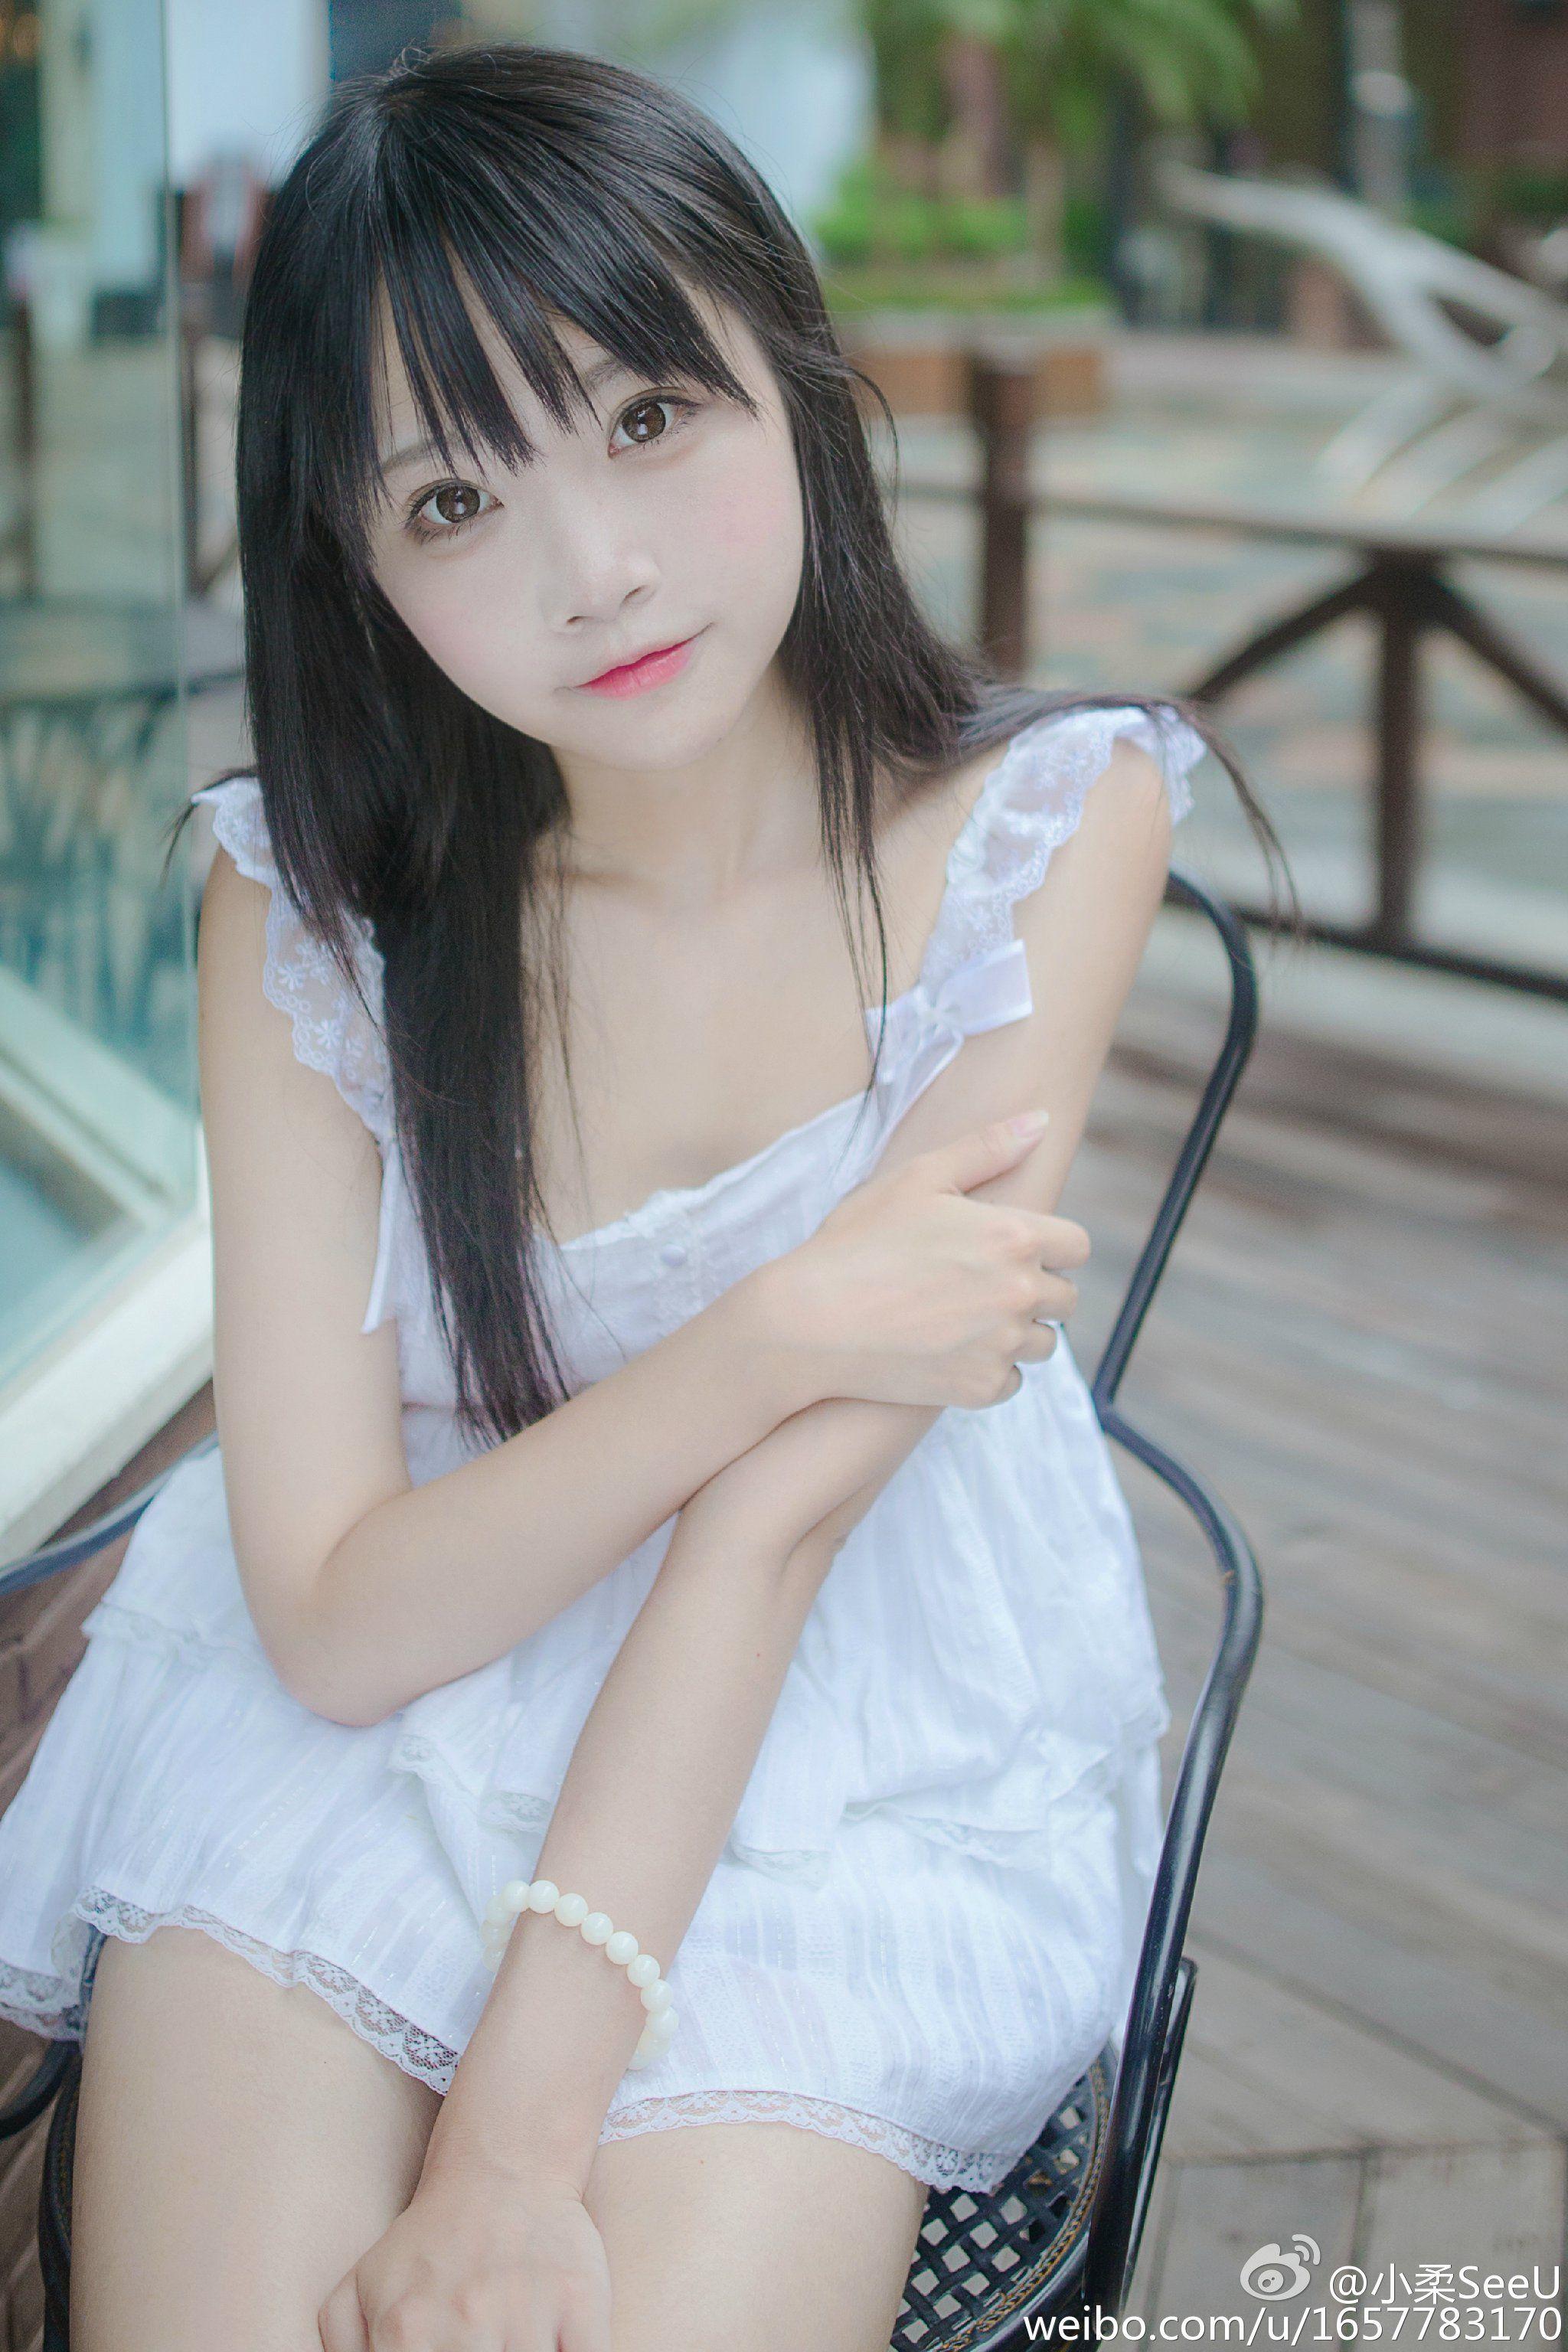 Pin by ily zhang on Coser Tiểu Nhu - 小柔SeeU   Gái, Nữ thần